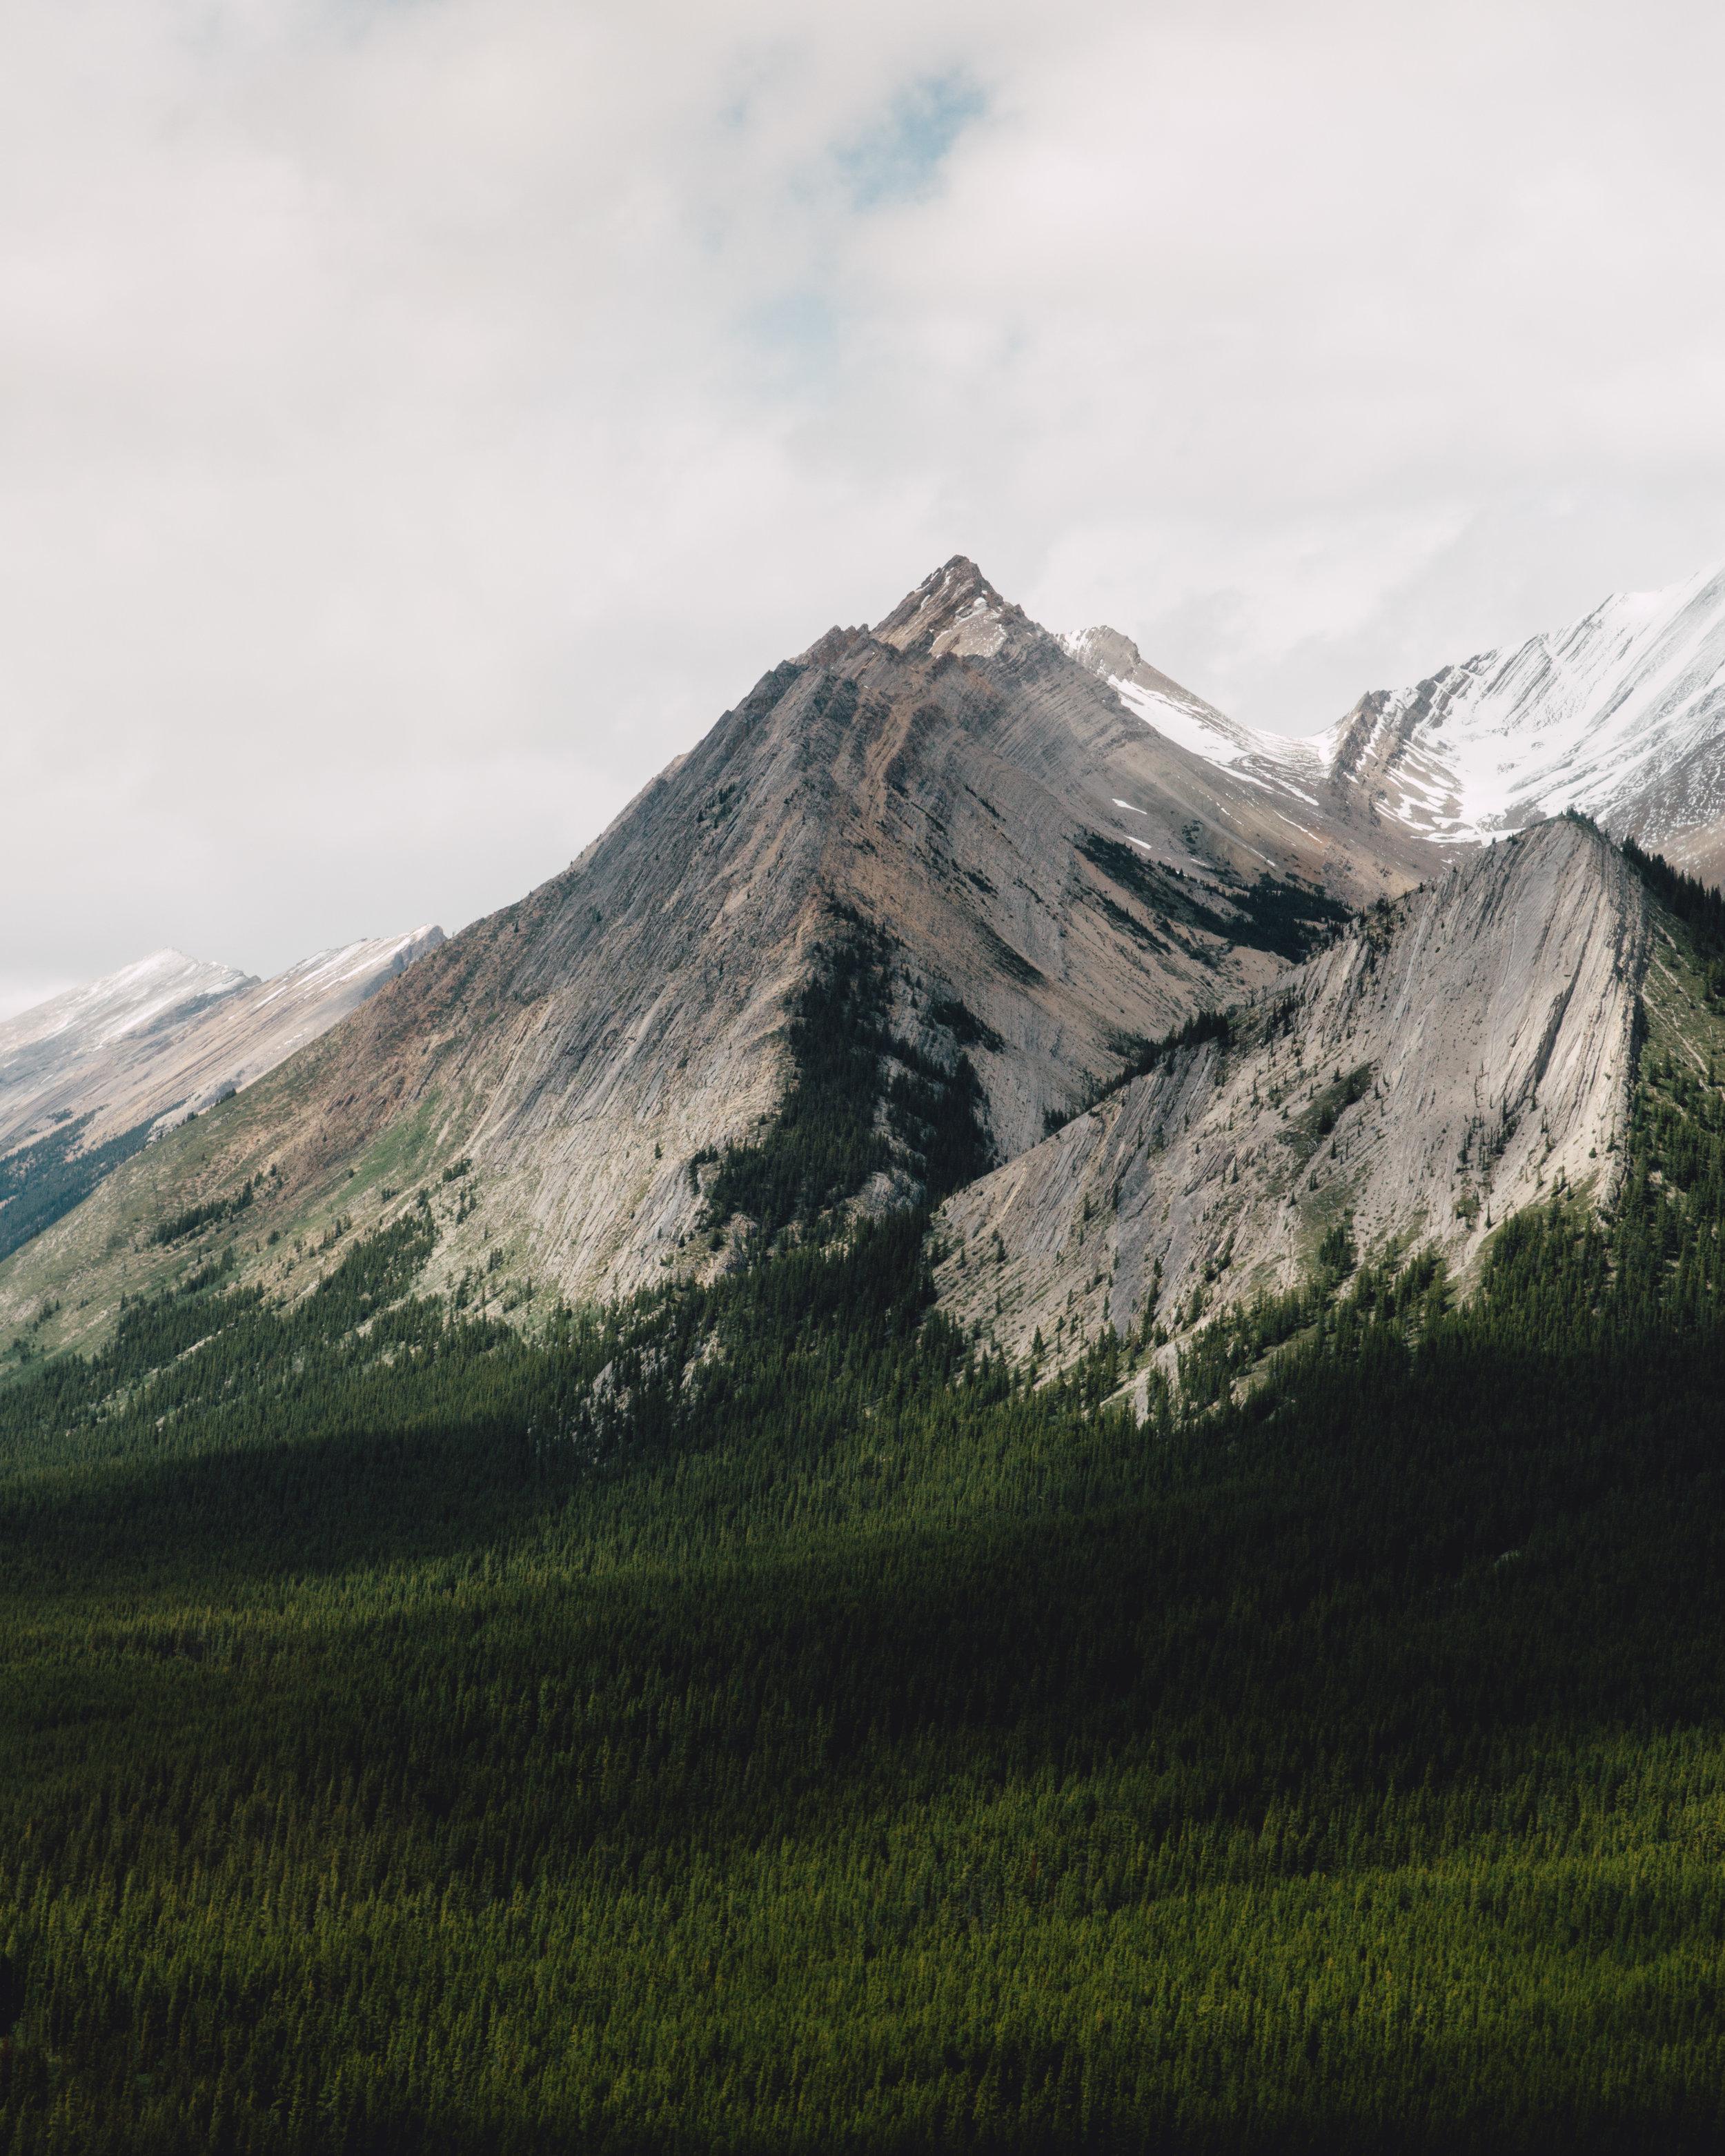 Rockies Heli - low resolution-6464.jpg